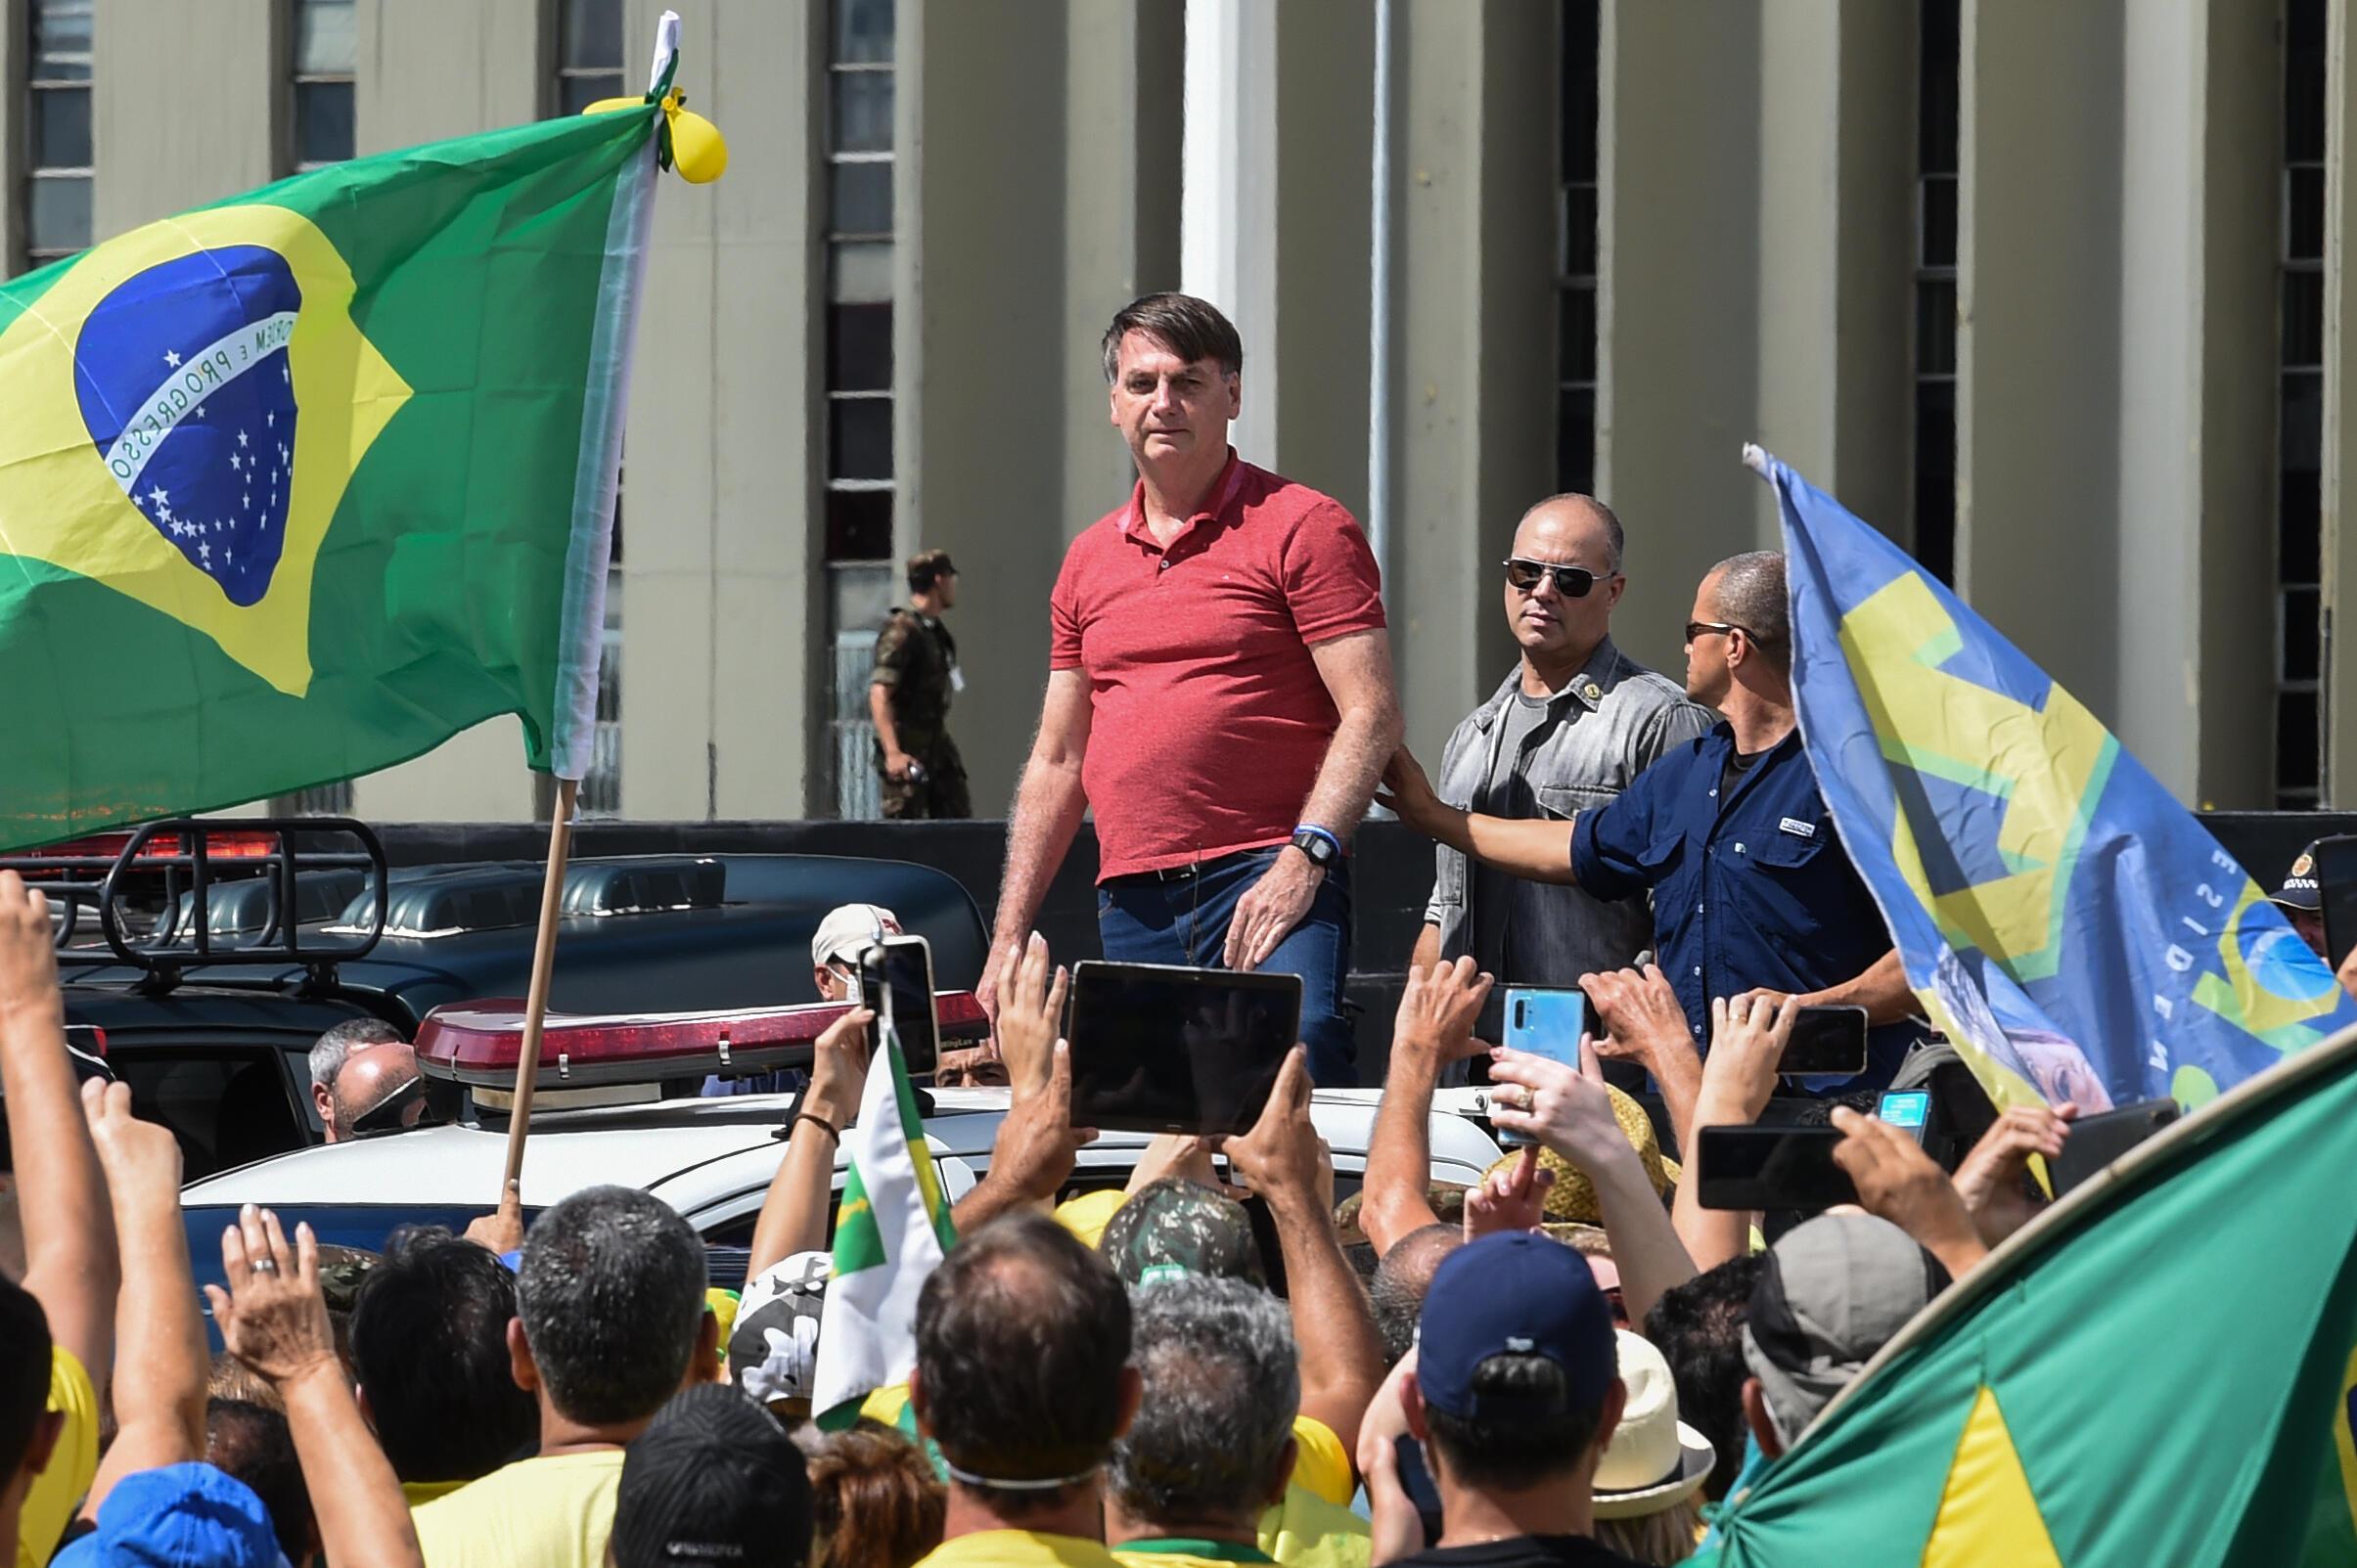 Manifestação em Brasília pela intervenção militar e a favor de Bolsonaro, que contou com a participação do presidente brasileiro, em 19 de abril de 2020.